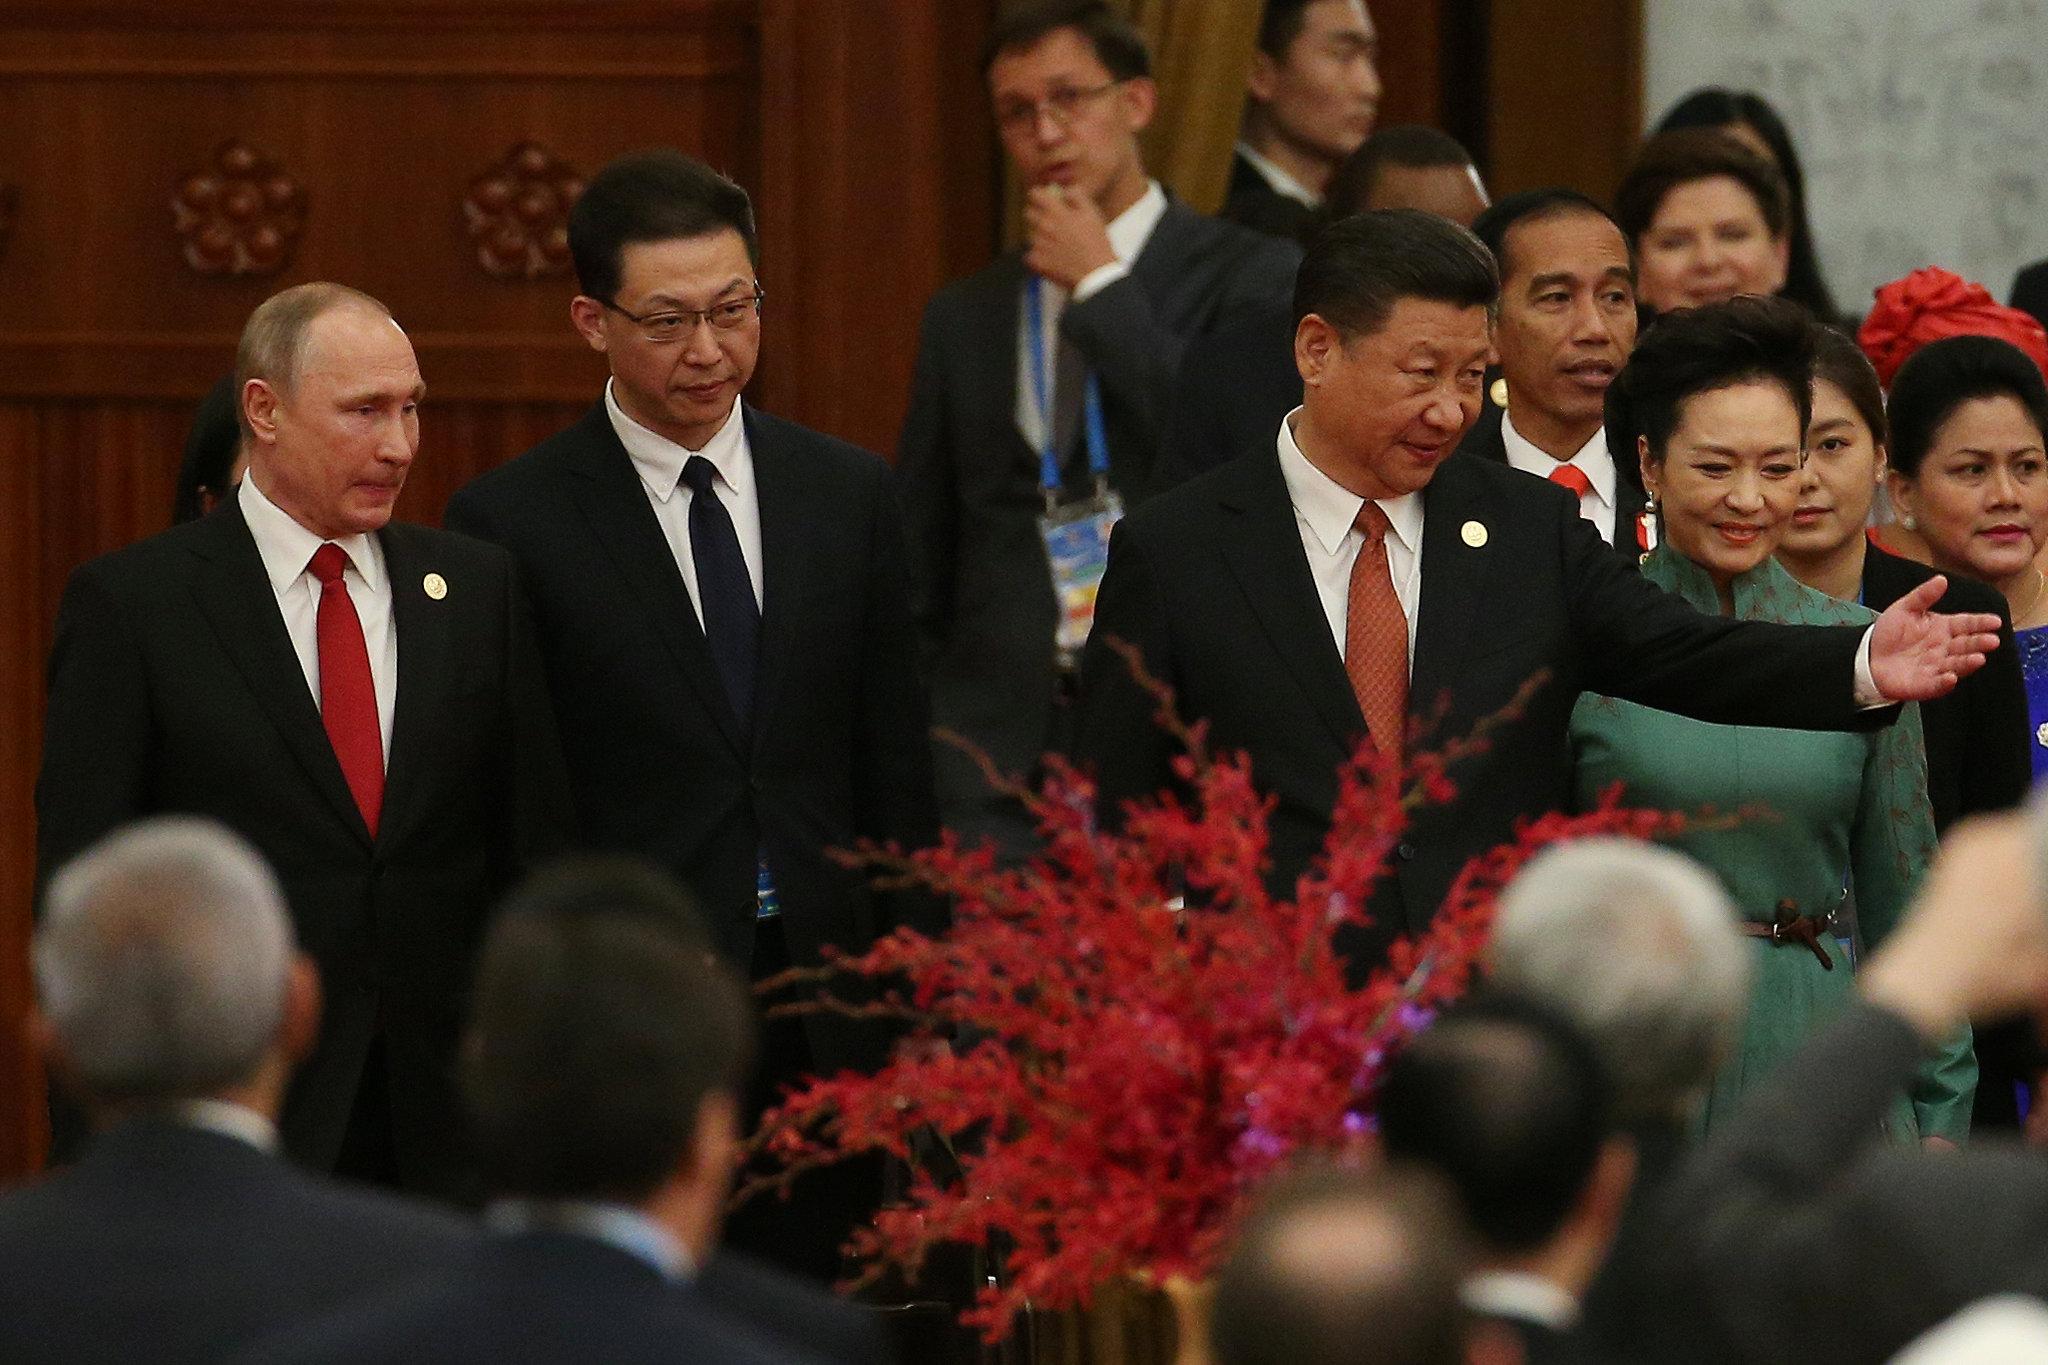 الرئيس الصينى يرحب بالرئيس الروسى